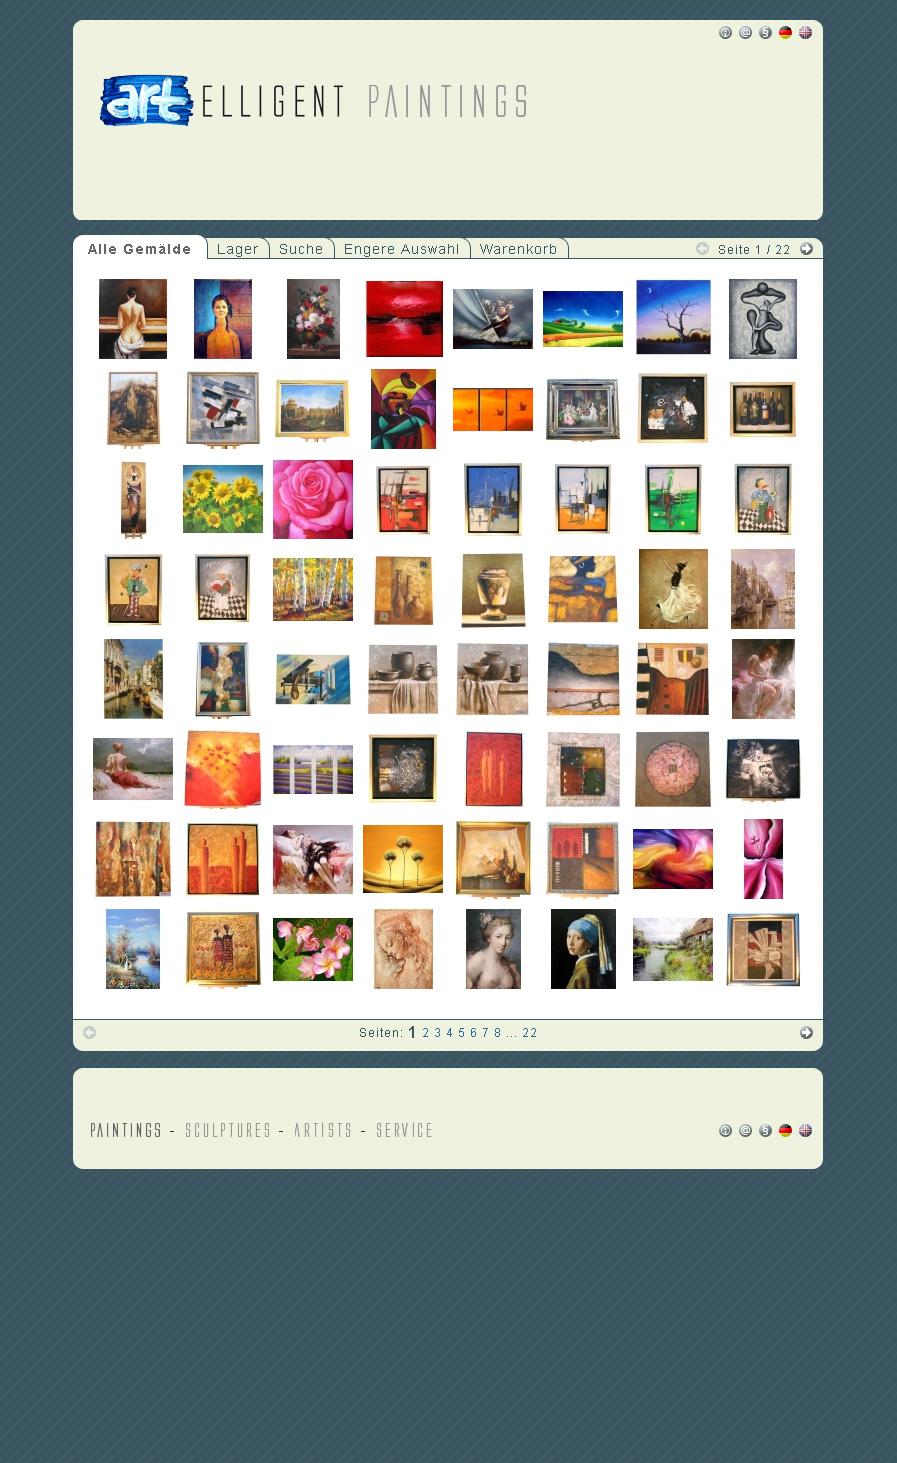 Artelligent-Gallery.de. Vásároljon festmények Kínából. Saját készítésű CMS és Shop rendszer.